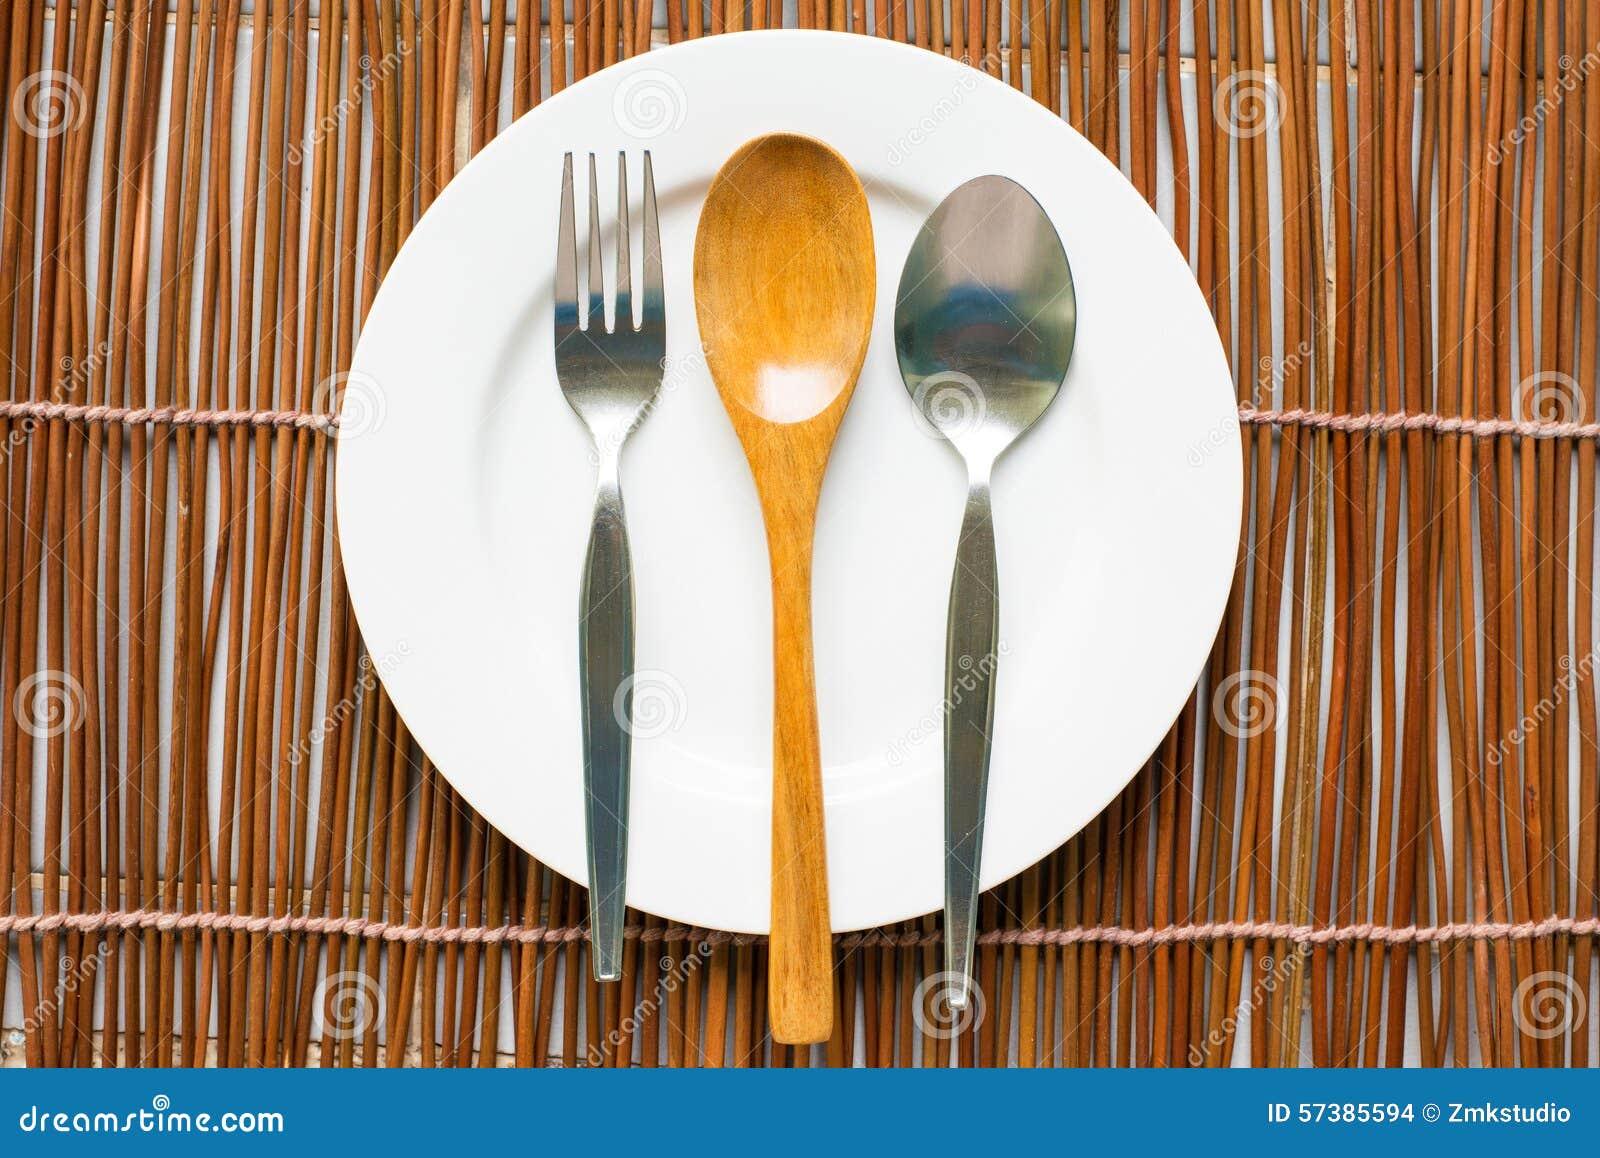 Hoogste mening van vaatwerk voor het eten